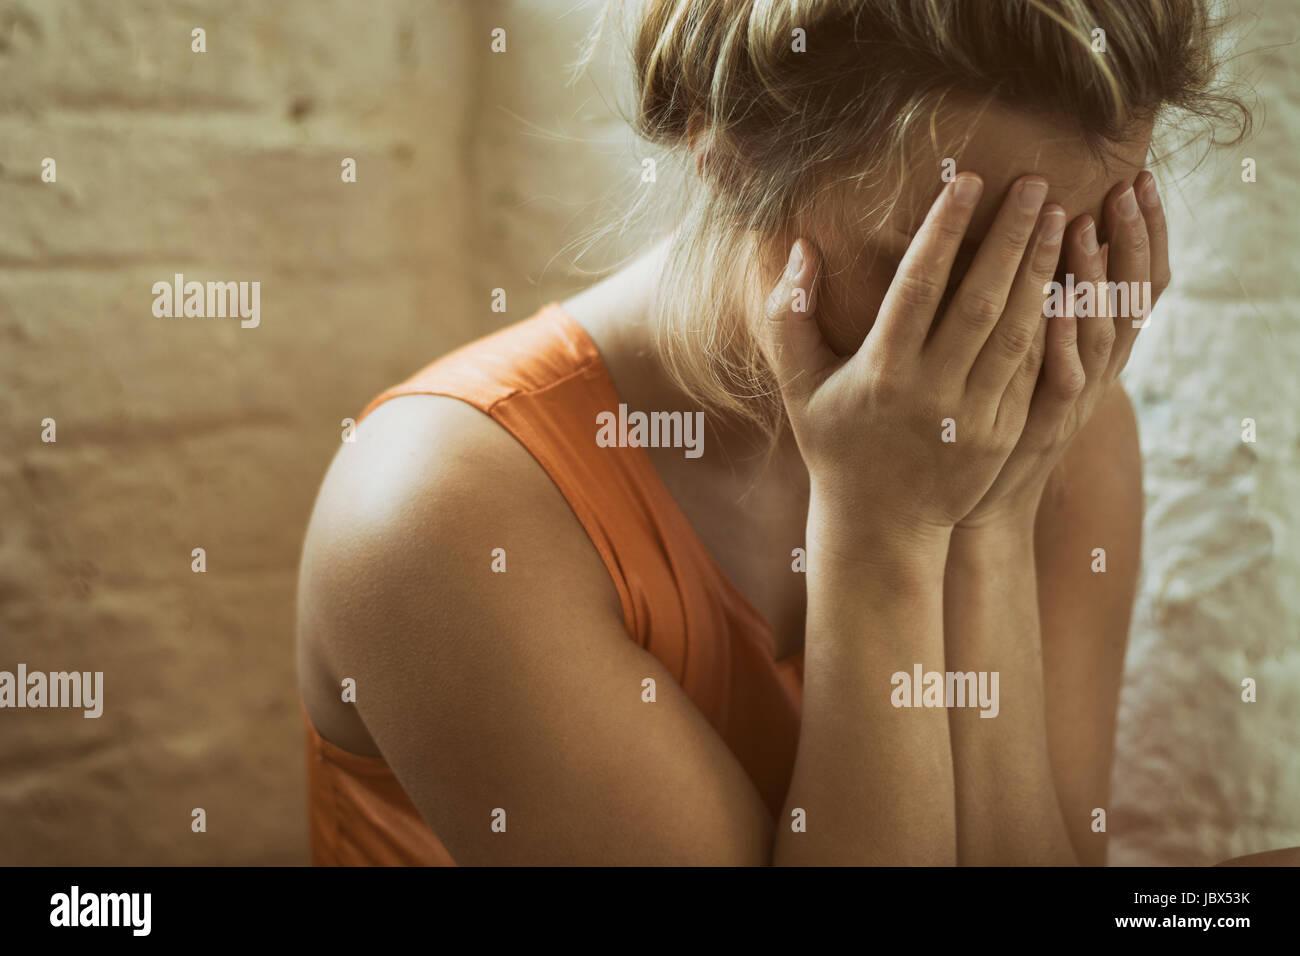 Cerca de una triste joven ocultando la cara con las manos llorando Foto de stock